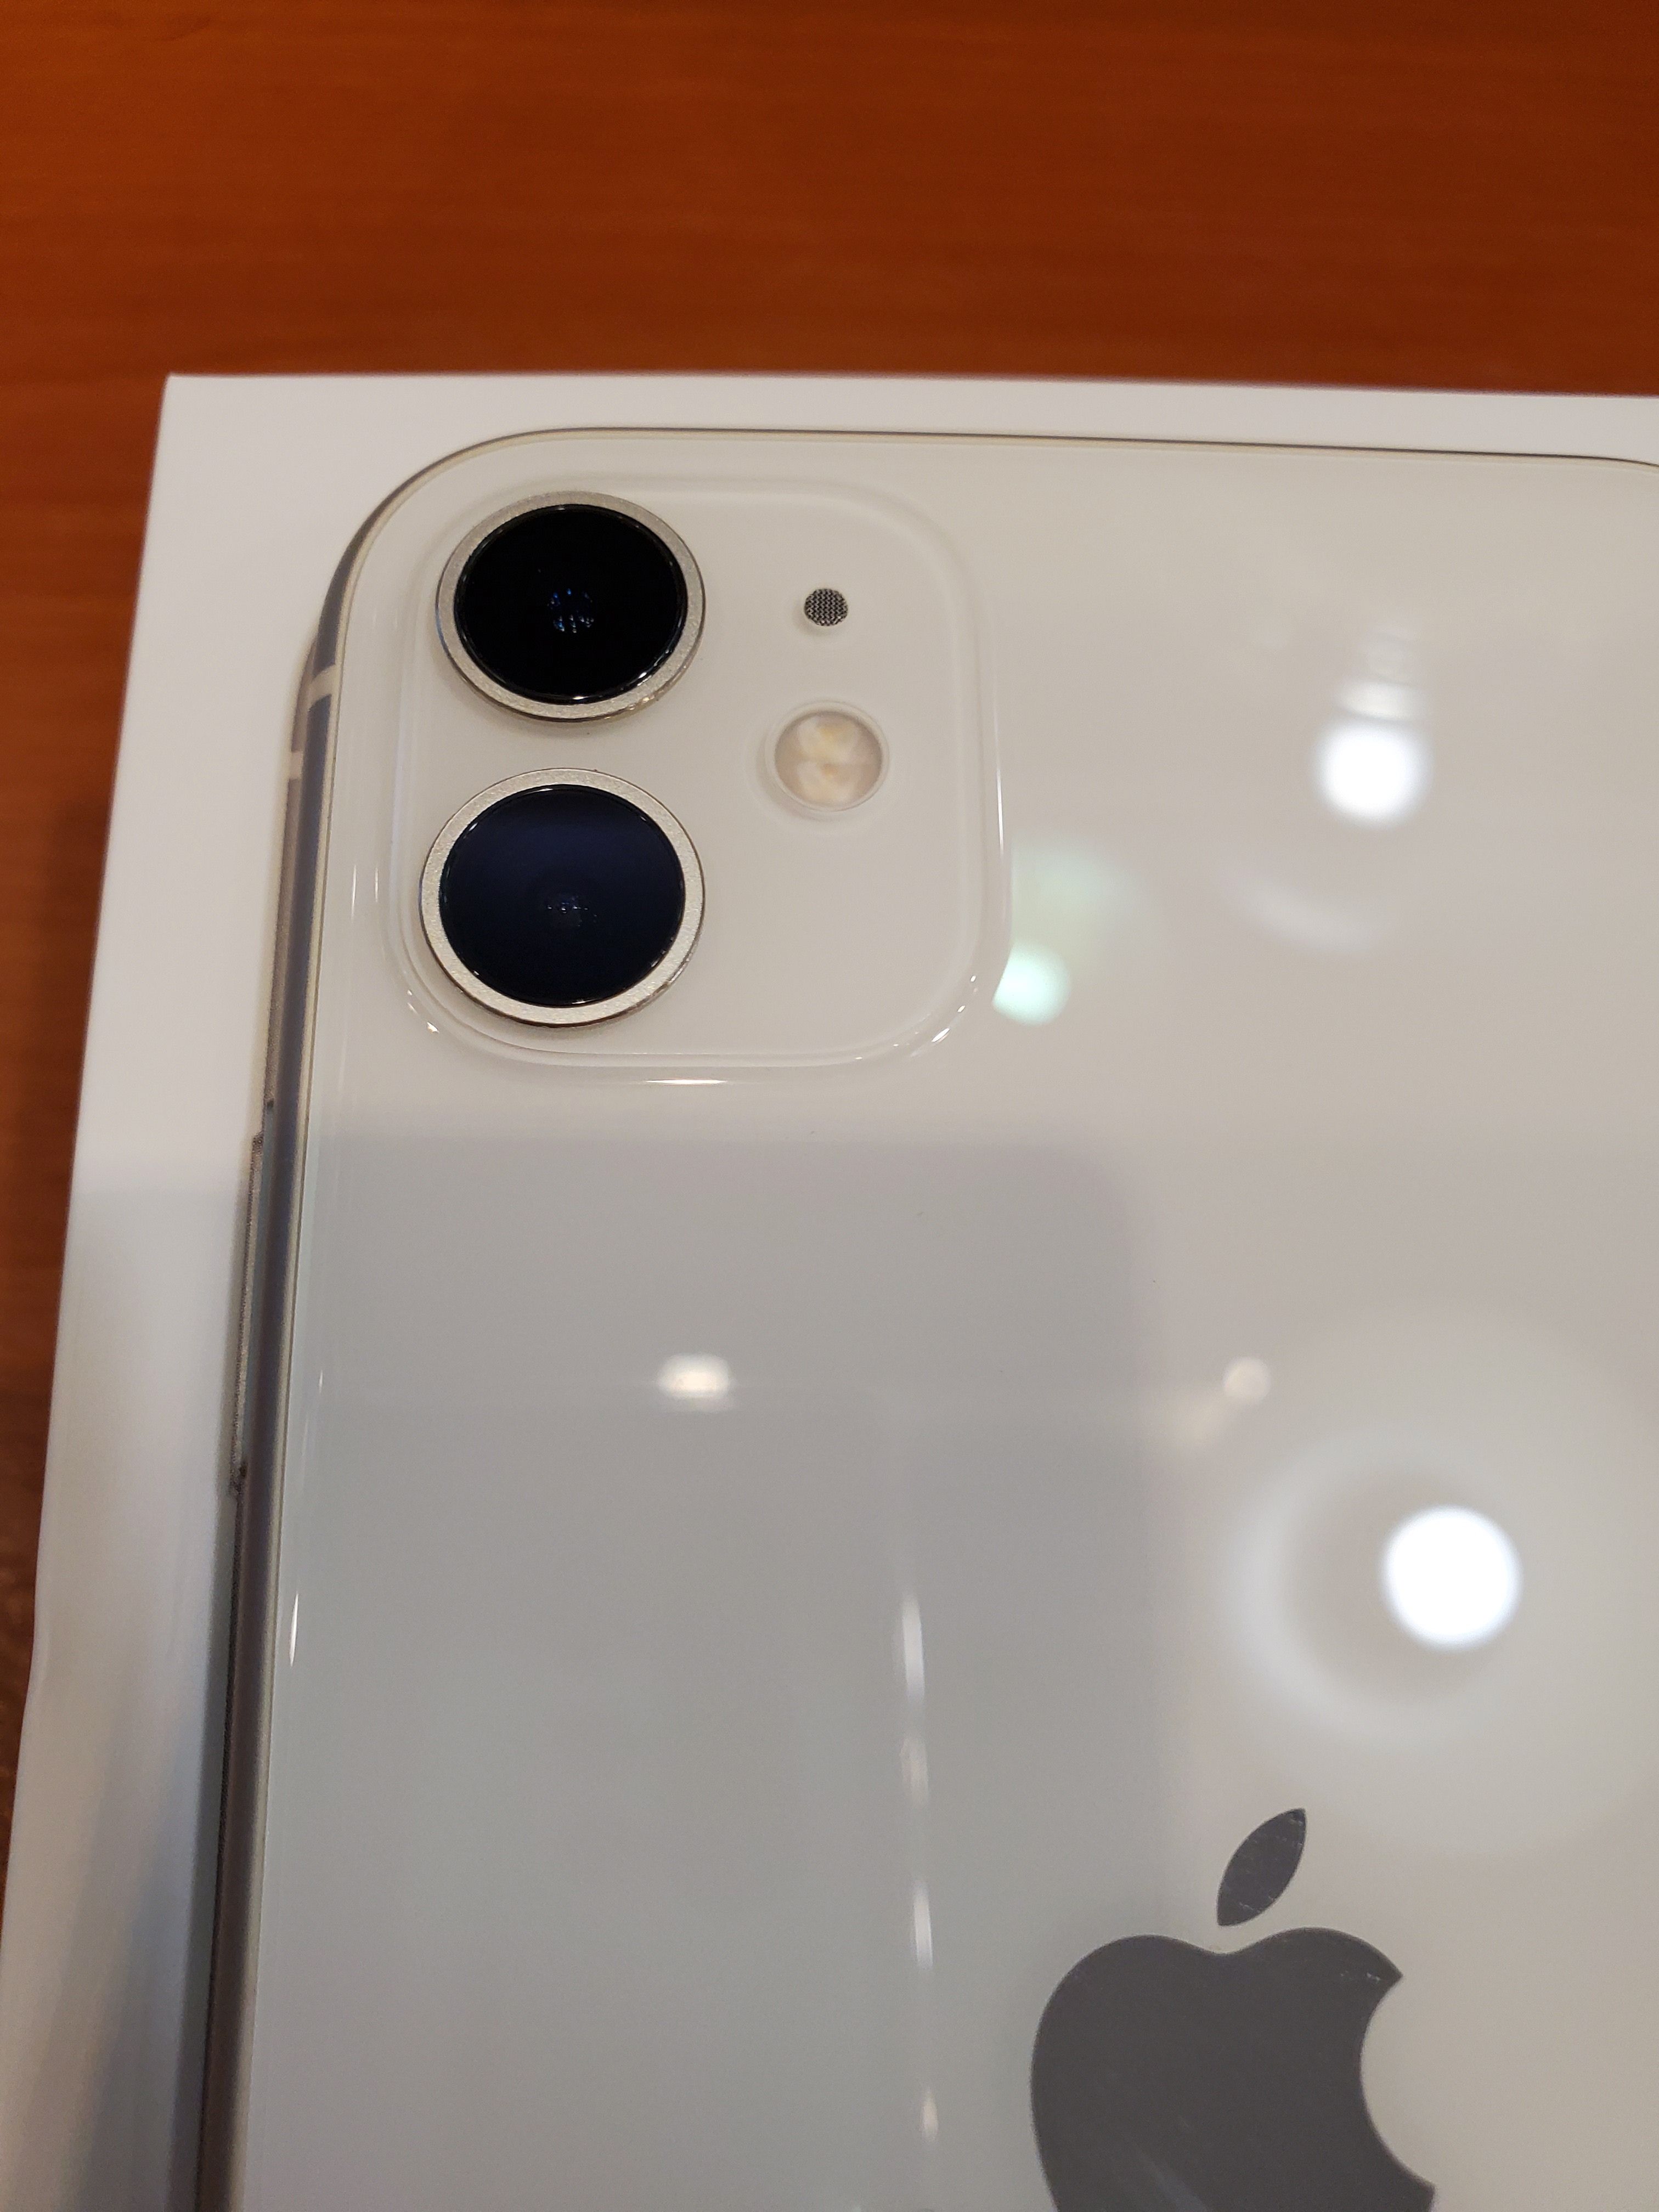 iPhone 11を購入レビュー。超広角レンズを備えた超コスパモデル